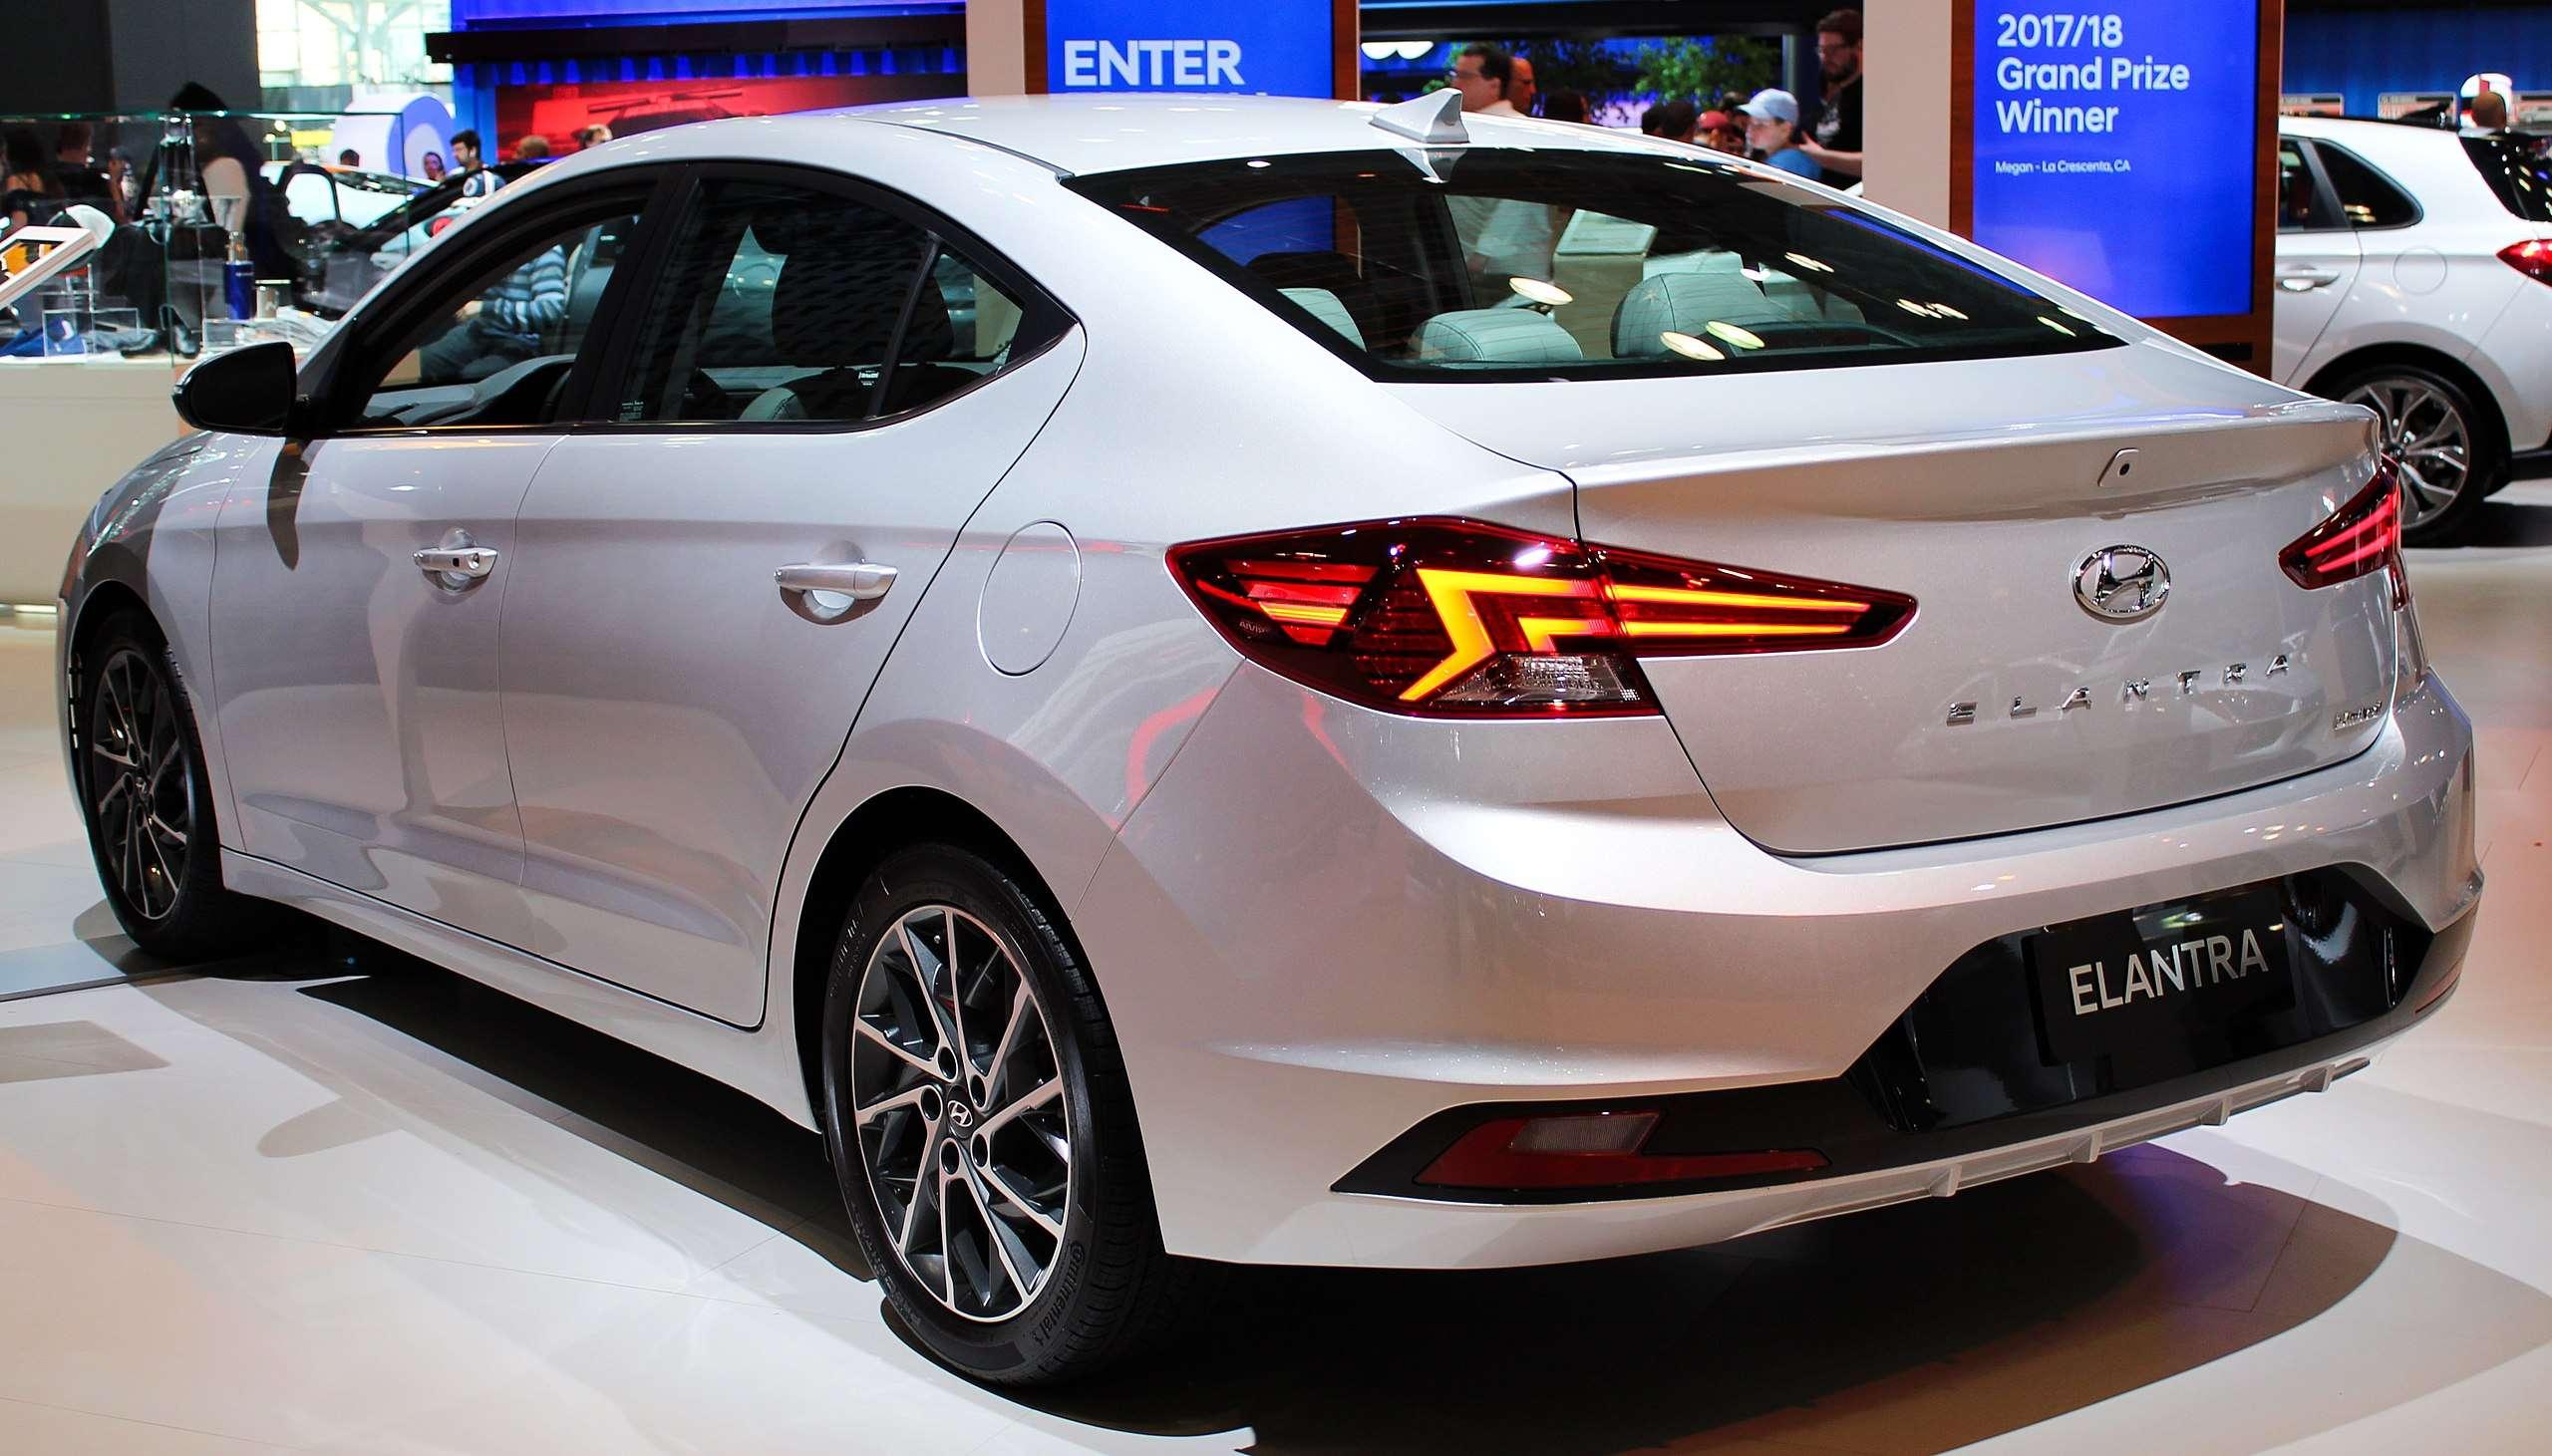 Hyundai Elantra Launching in Pakistan